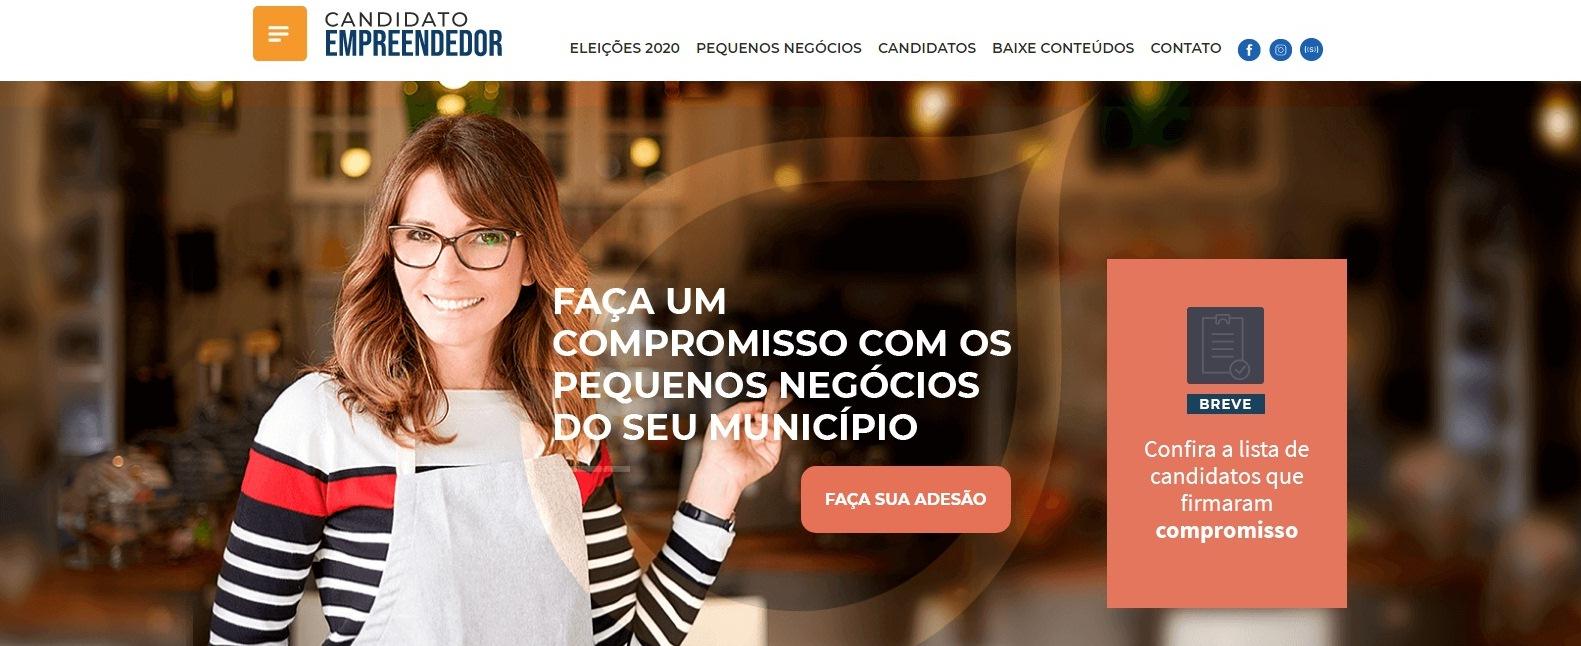 Sebrae deu início à atuação em prol dos pequenos negócios nas eleições  com o lançamento do Guia Seja Um Candidato Empreendedor